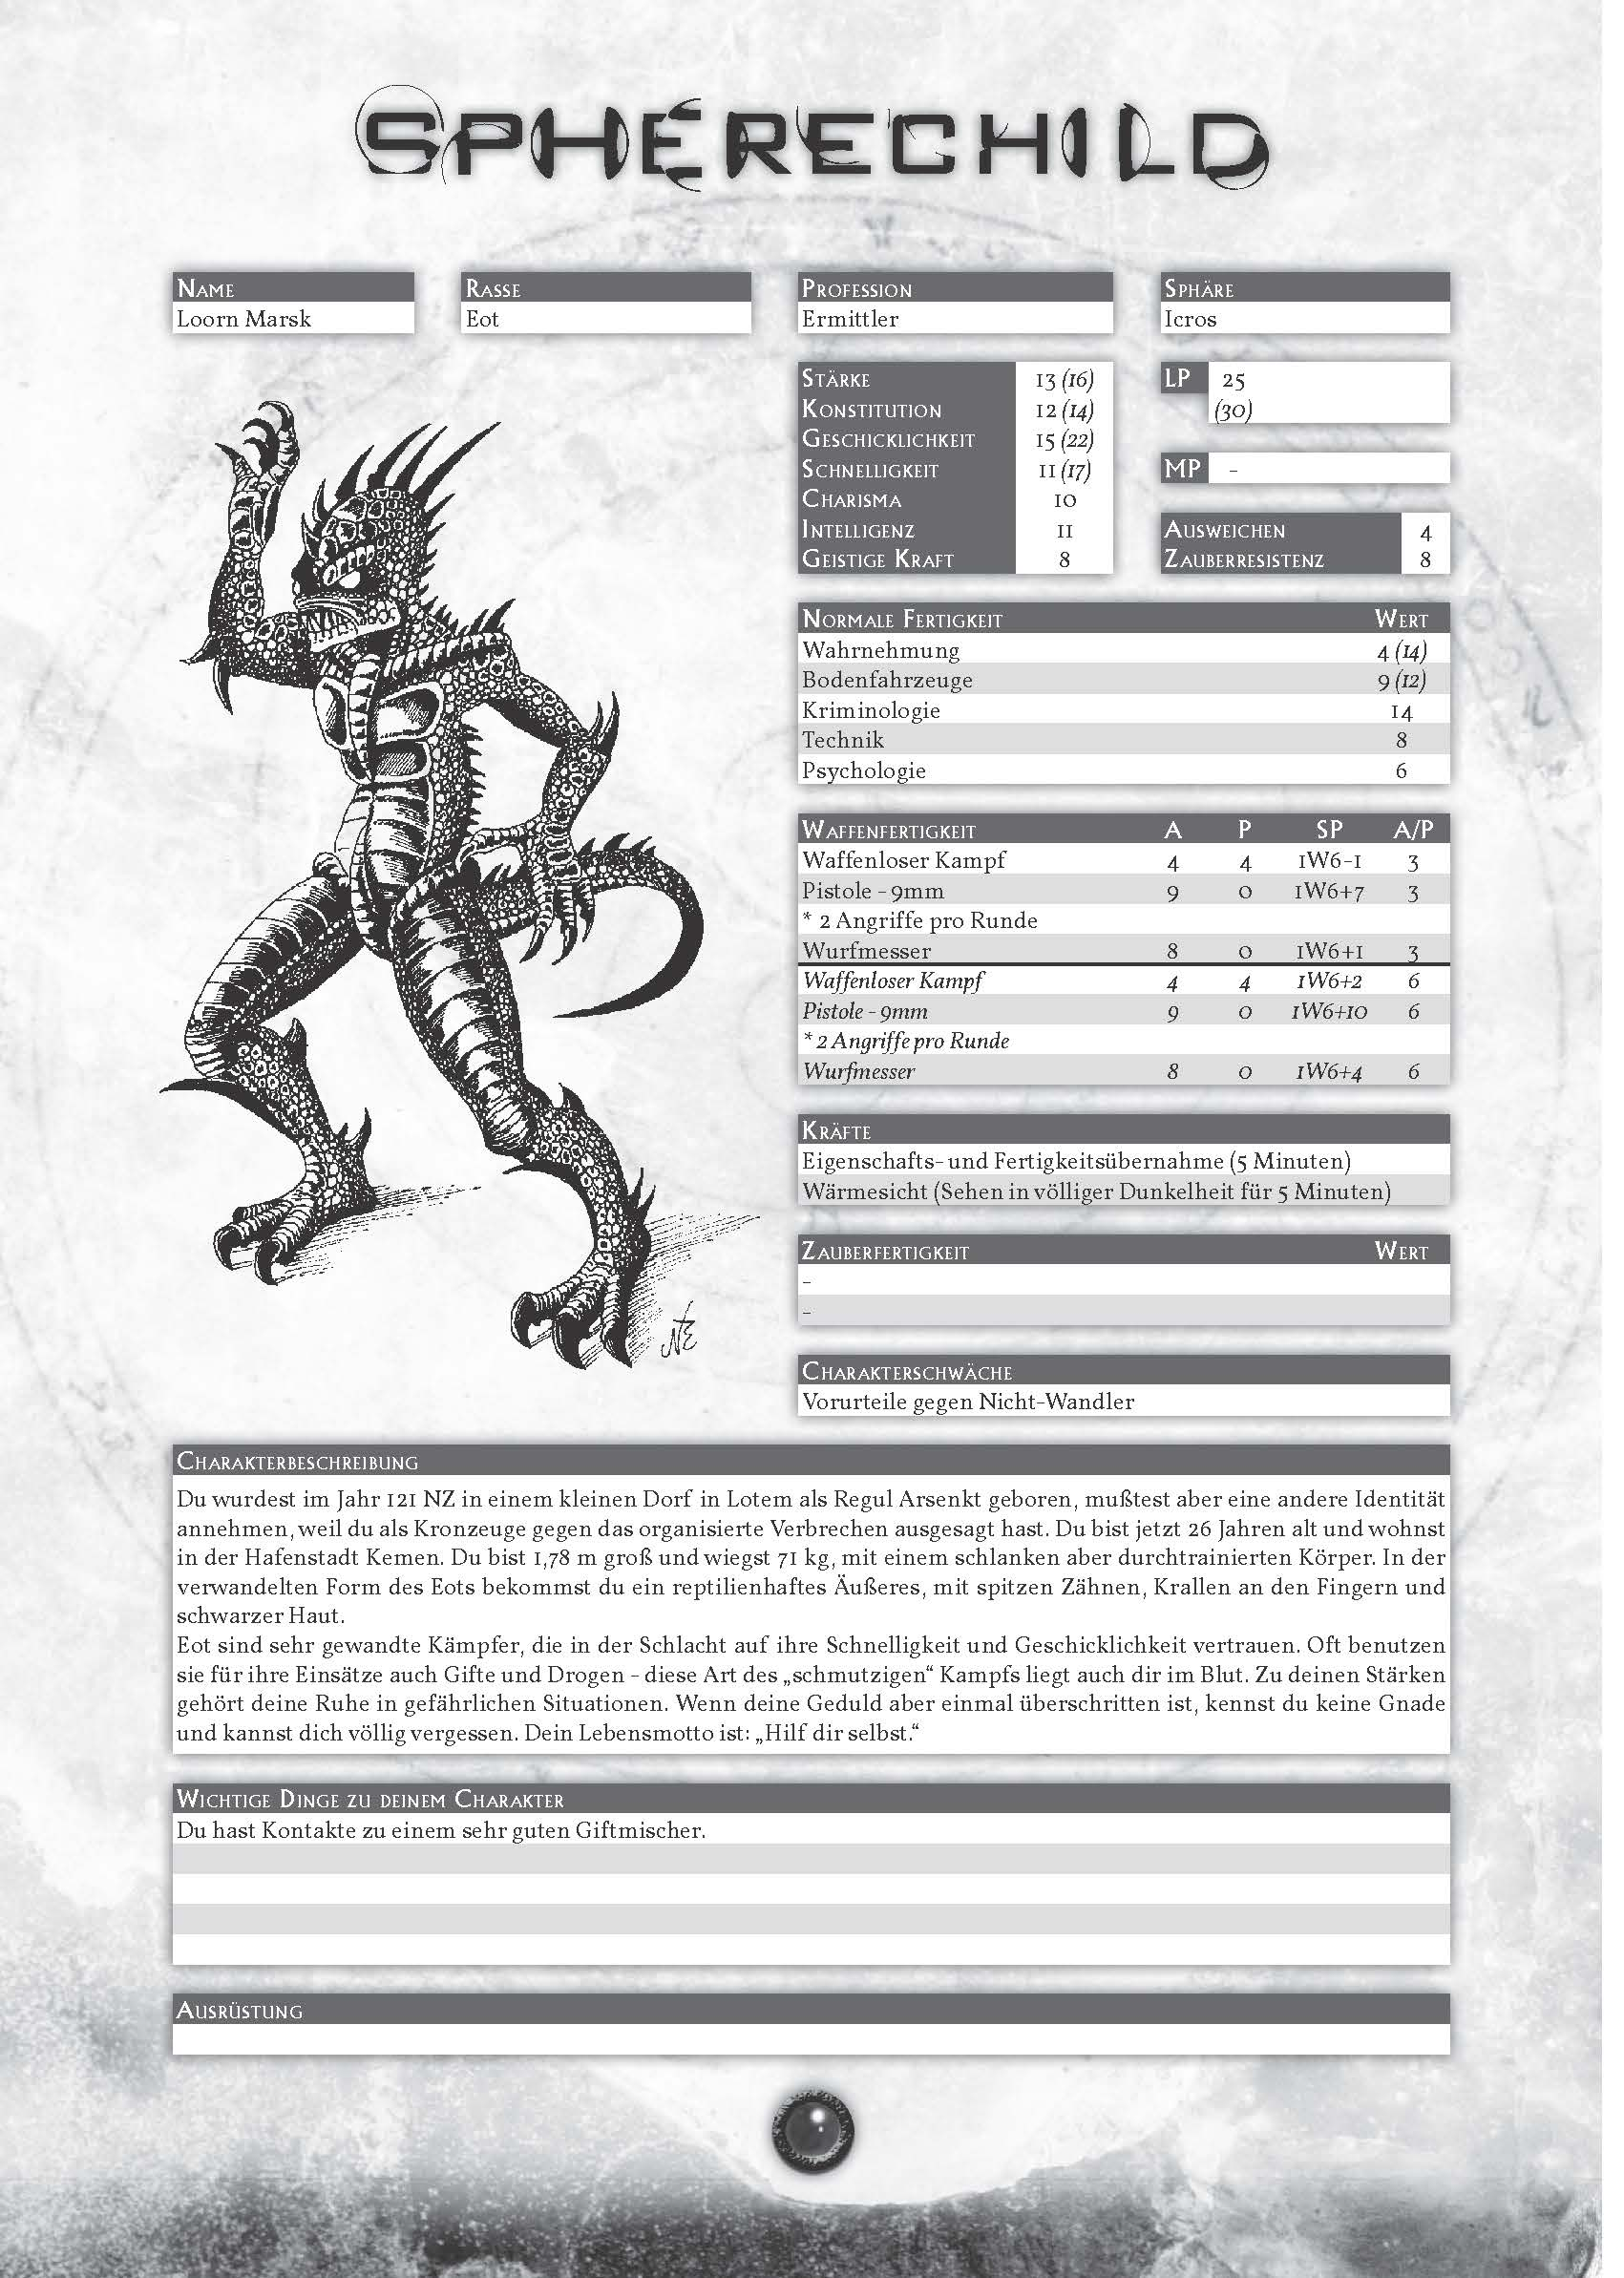 Spherechild-Spielbuch: Beispielcharakter Loorn Marsk